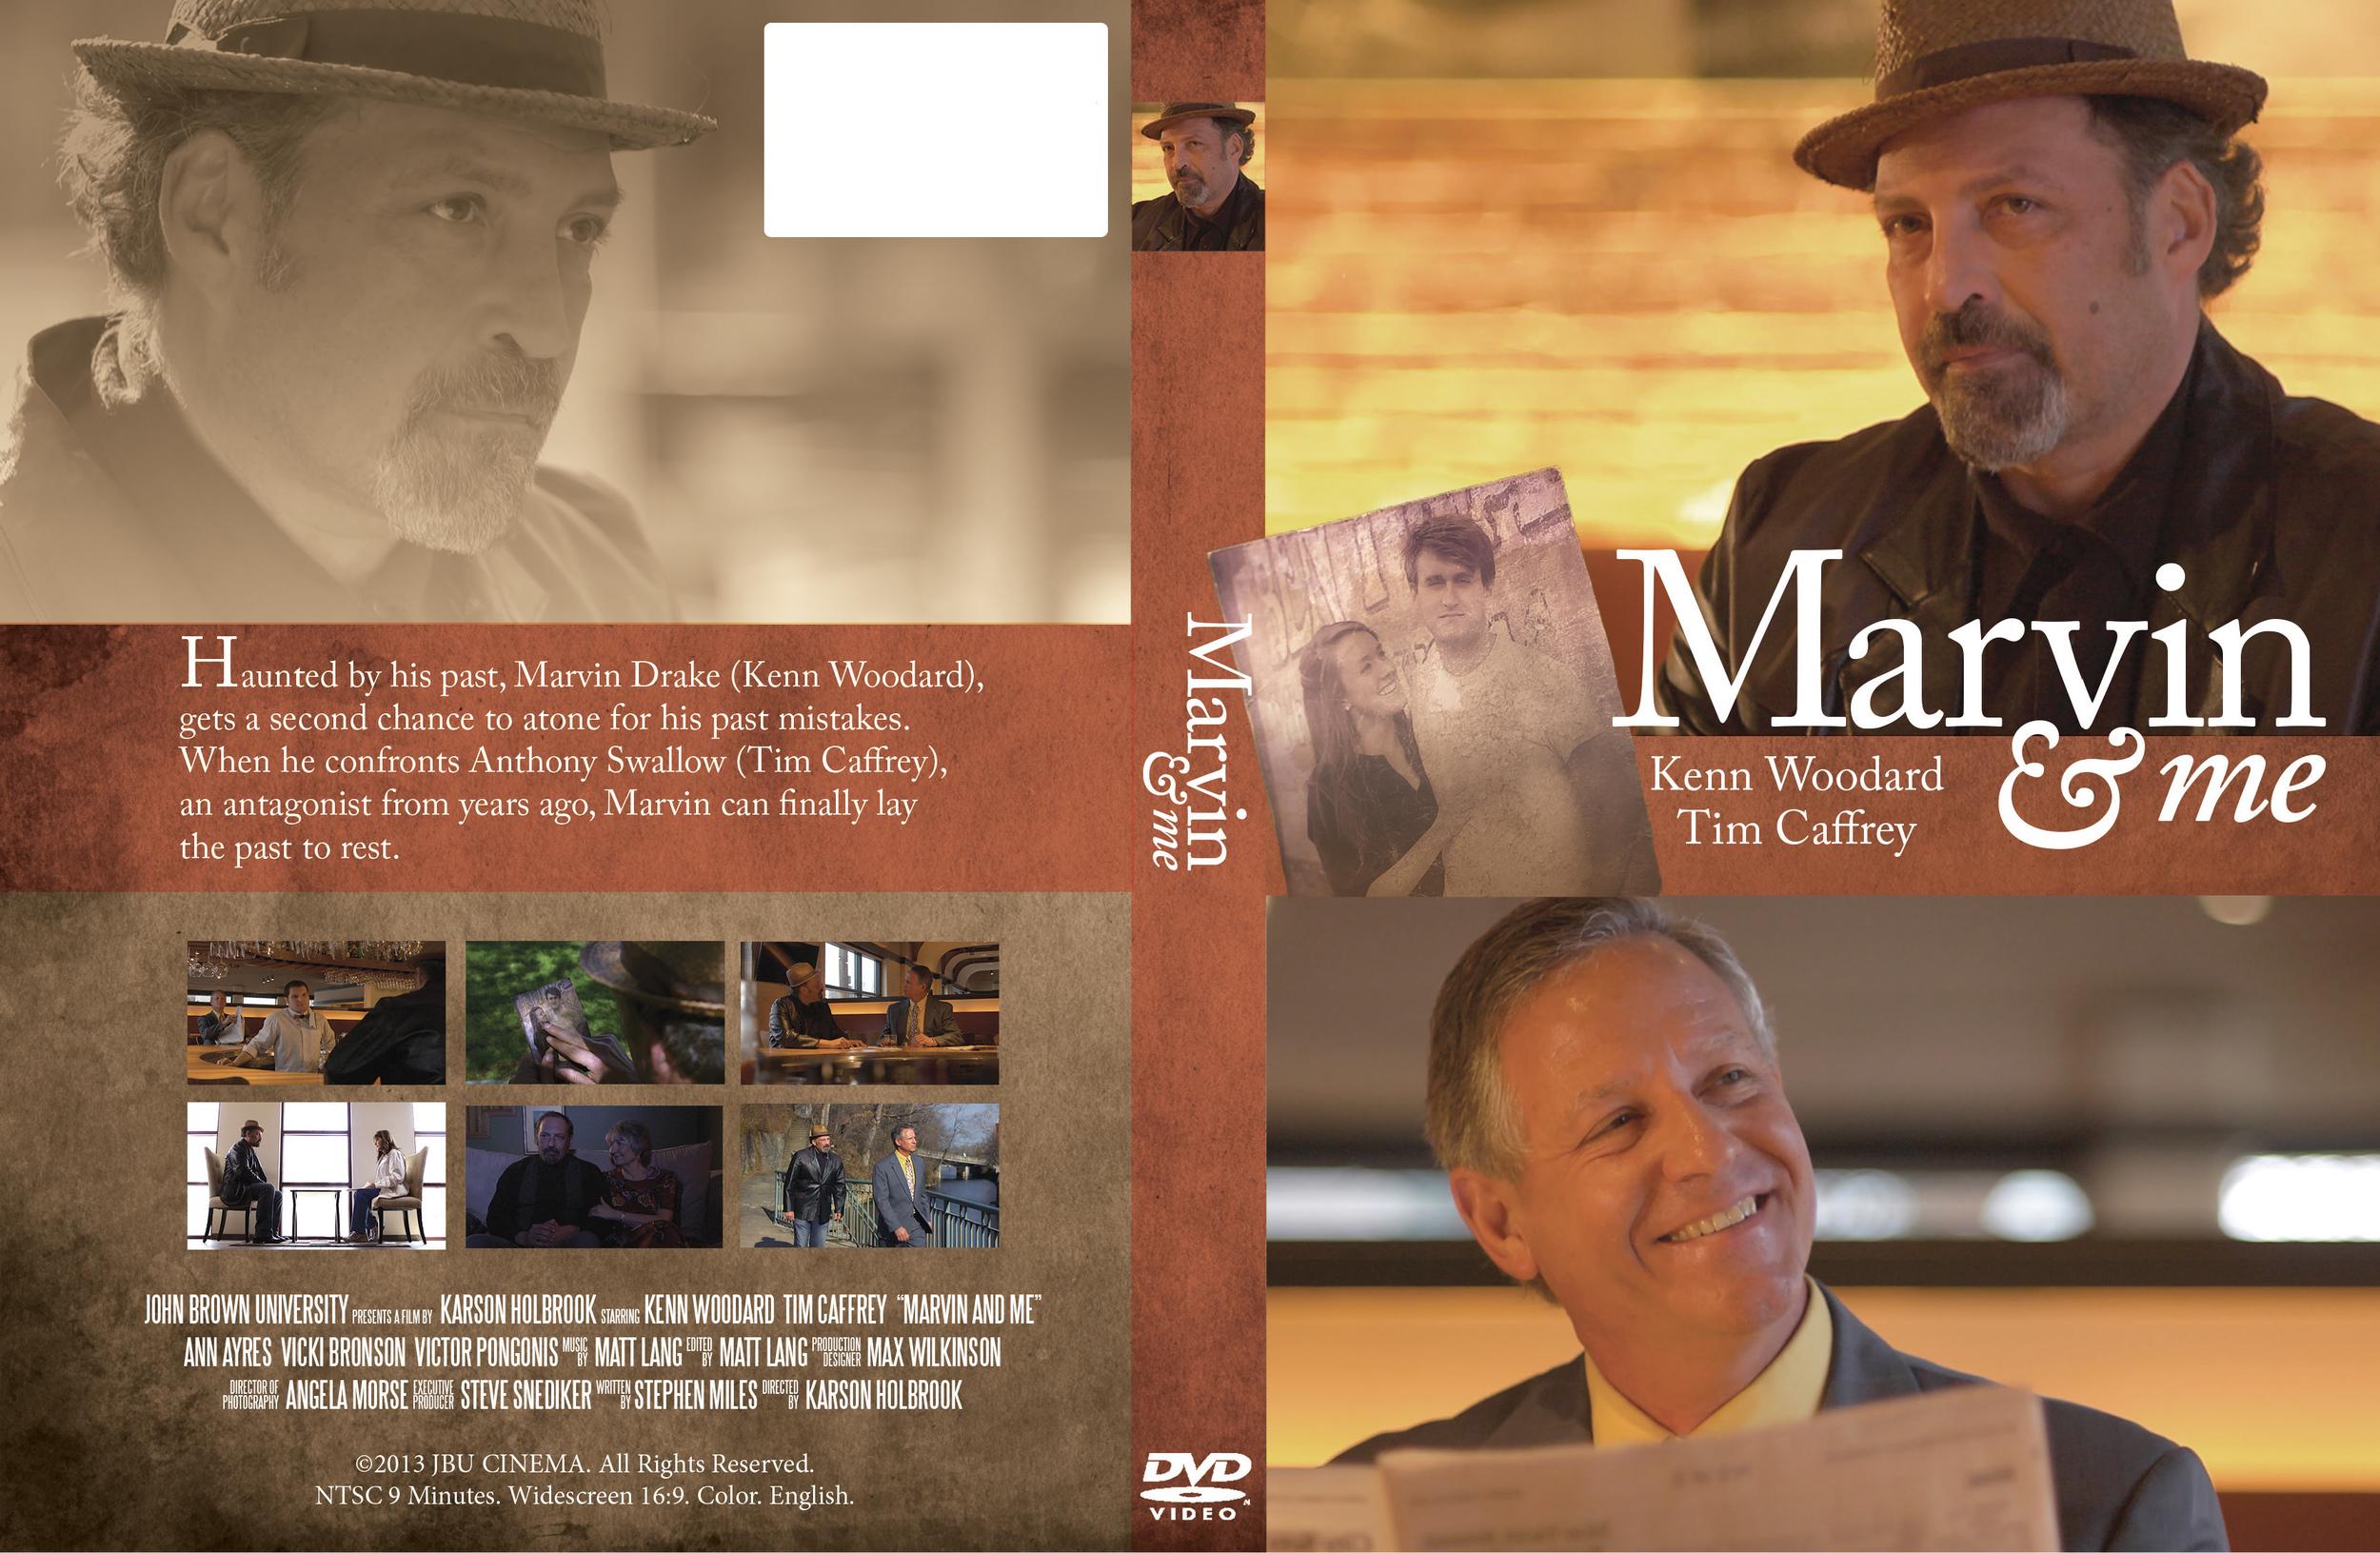 Marvin & Me - Short Film